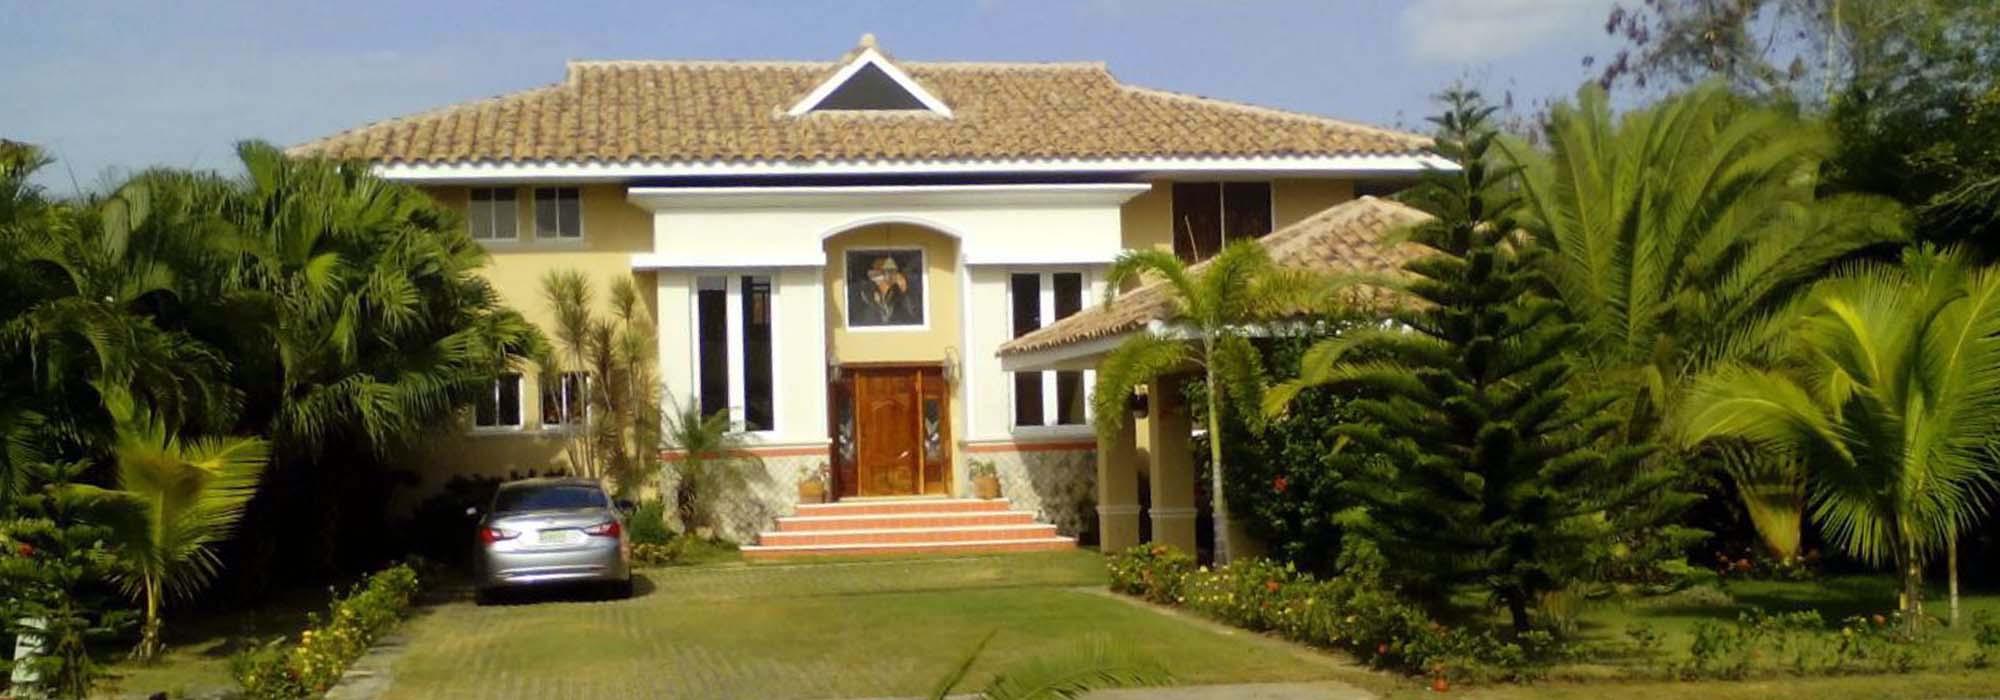 Imponente Villa – Metro Country Club